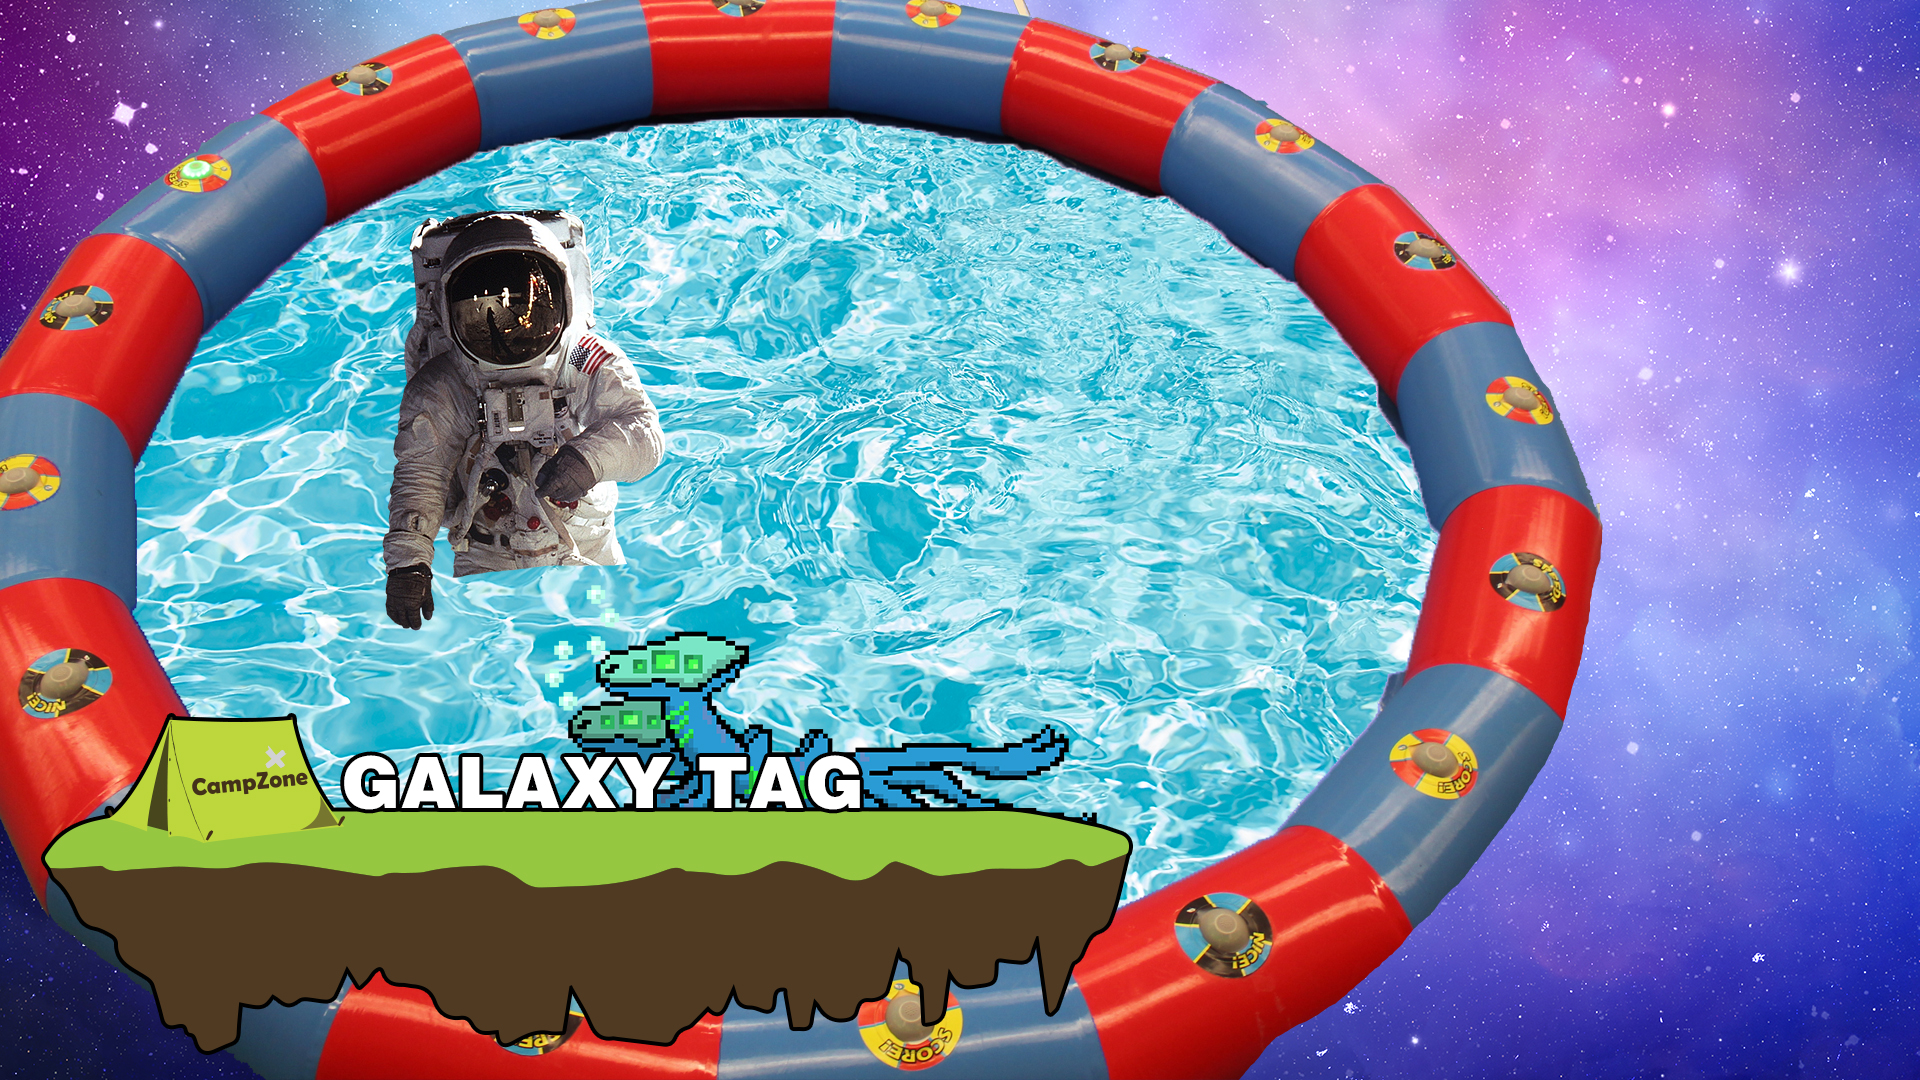 14.00 - Galaxy Tag